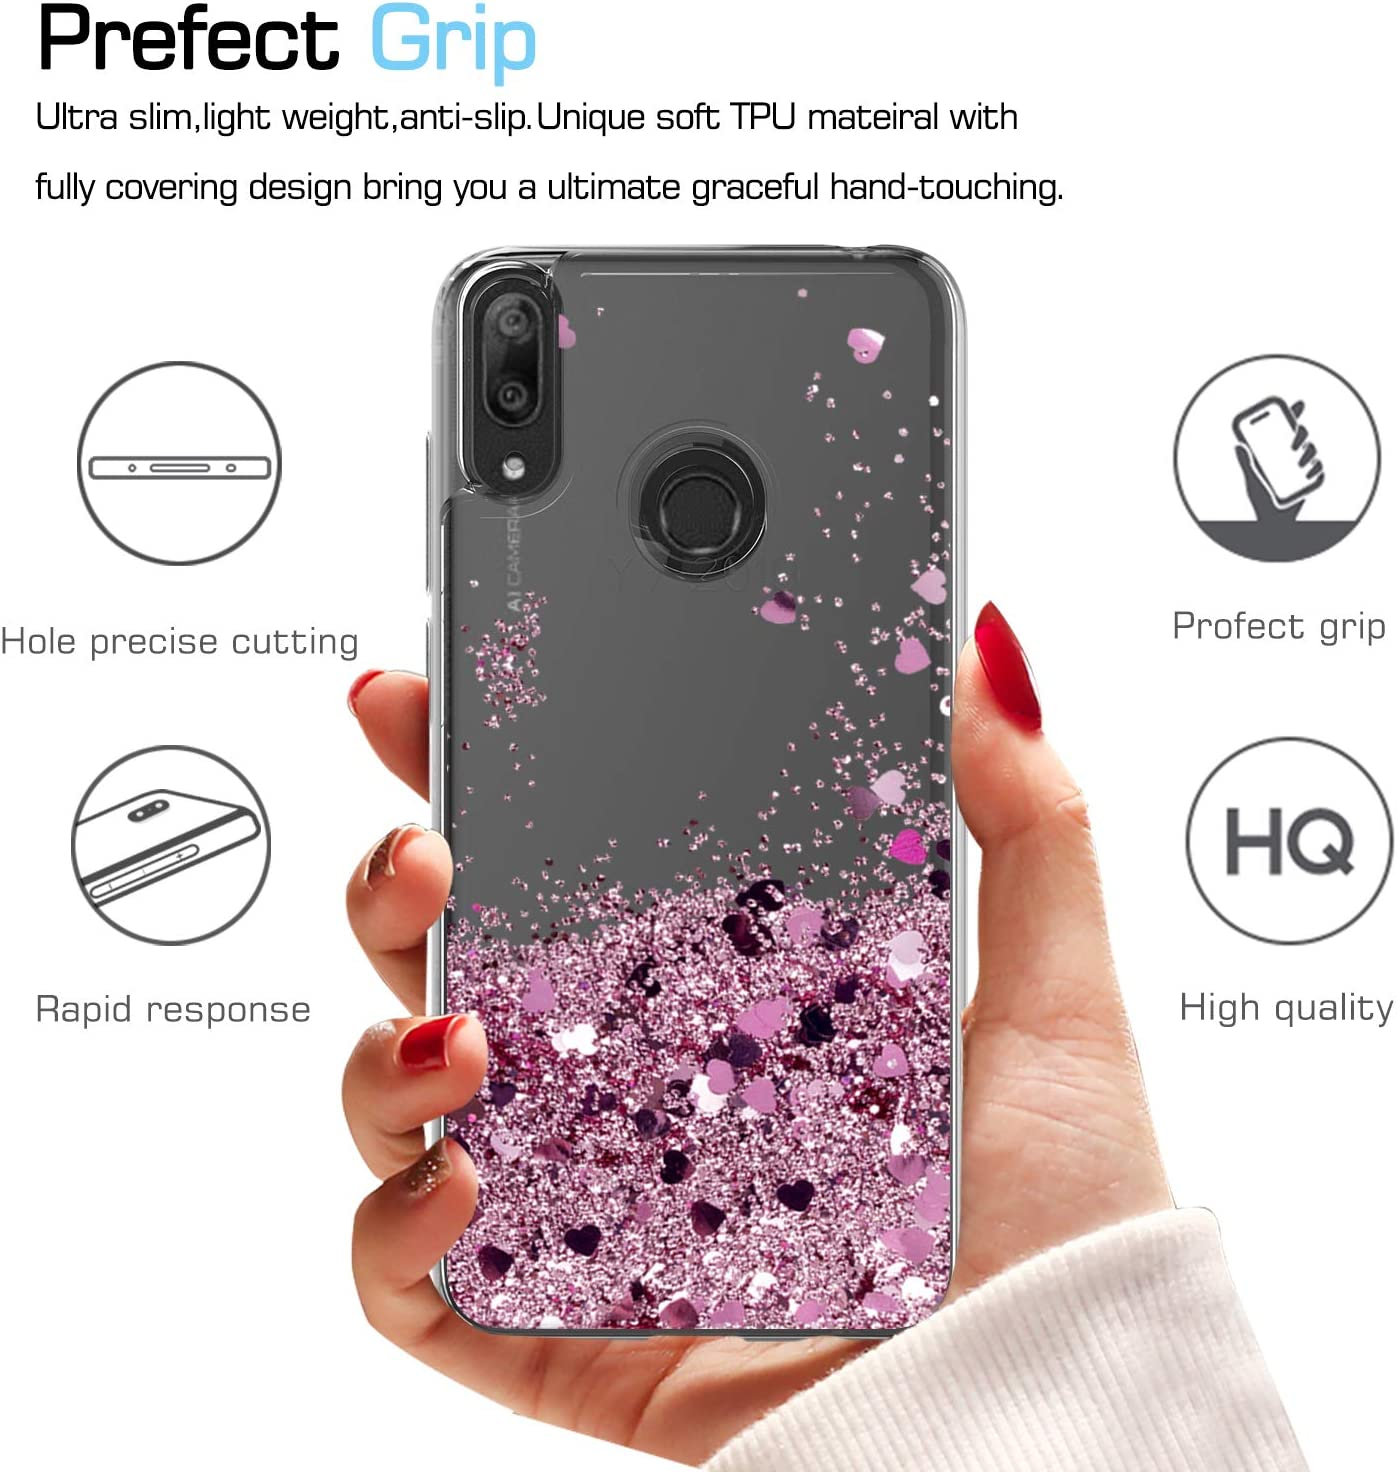 Kompatibel mit Huawei Y7 2019 H/ülle Glitzer Marmor Handyh/ülle Diamant Ring St/änder,Gl/änzend Strass Transparent Silikon H/ülle Sto/ßfest TPU Schutzh/ülle Bumper Case Tasche f/ür Huawei Y7 2019,Gr/ün